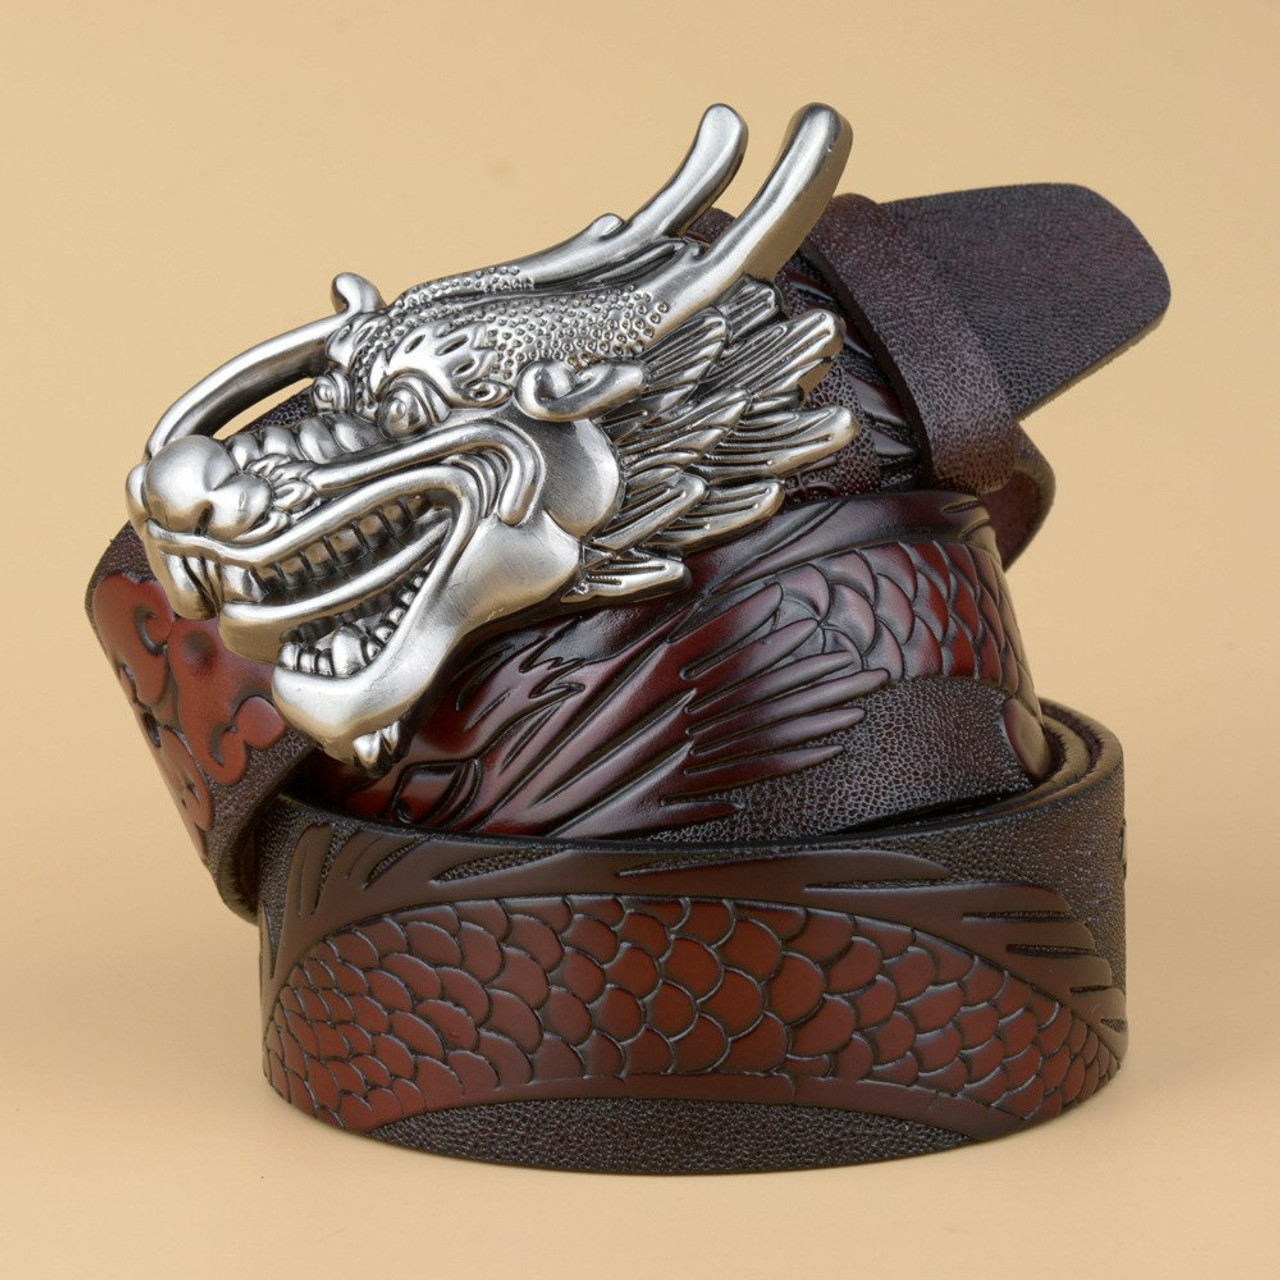 147605a763d64 ... New hot designer leather mens belt Real leather black belt men Cowskin  gold Dragon head Buckle ...